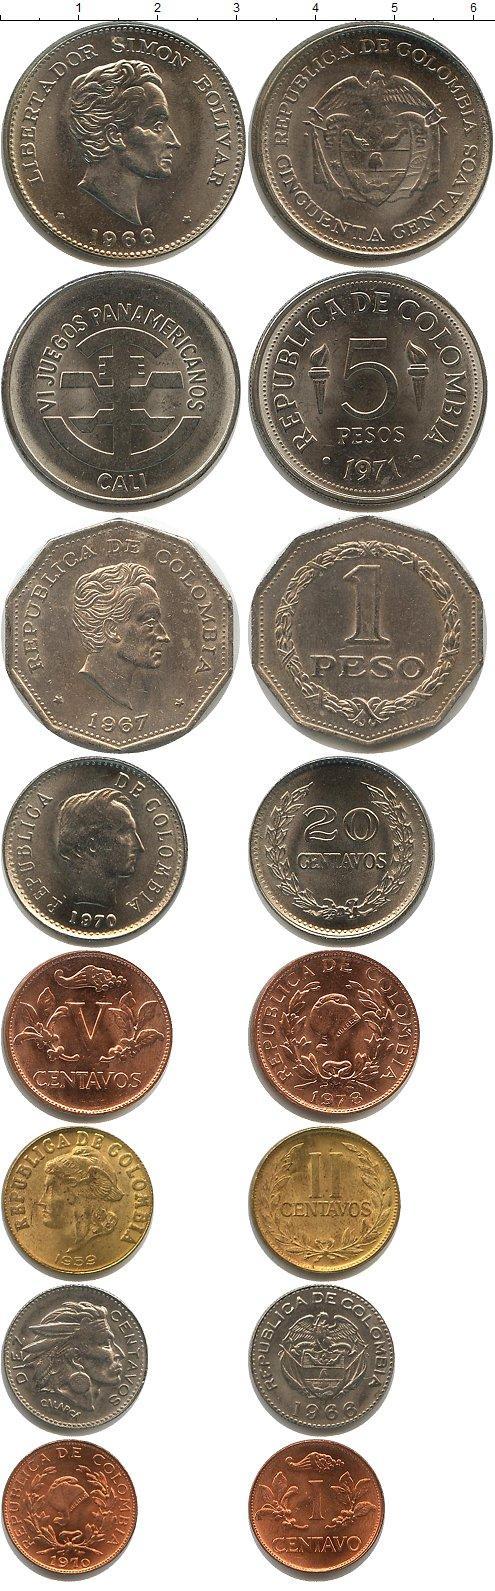 Каталог монет - Колумбия Колумбия 1952-1978